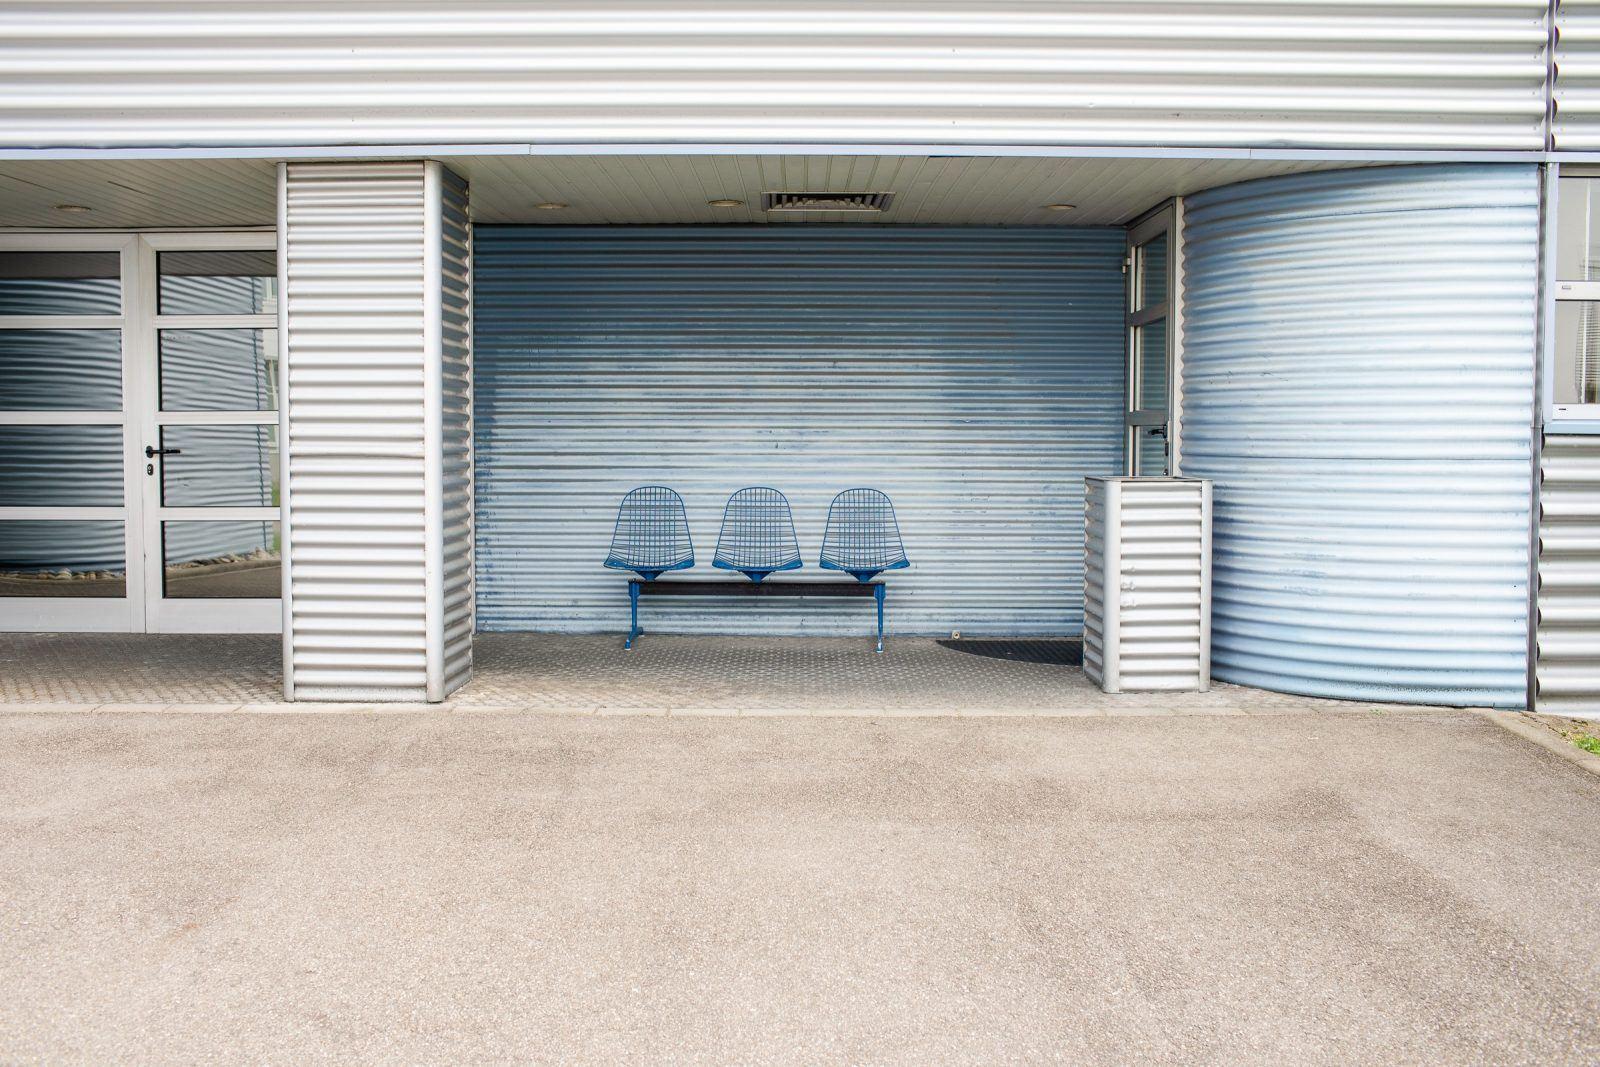 Sitzbank auf dem Vitra Campus